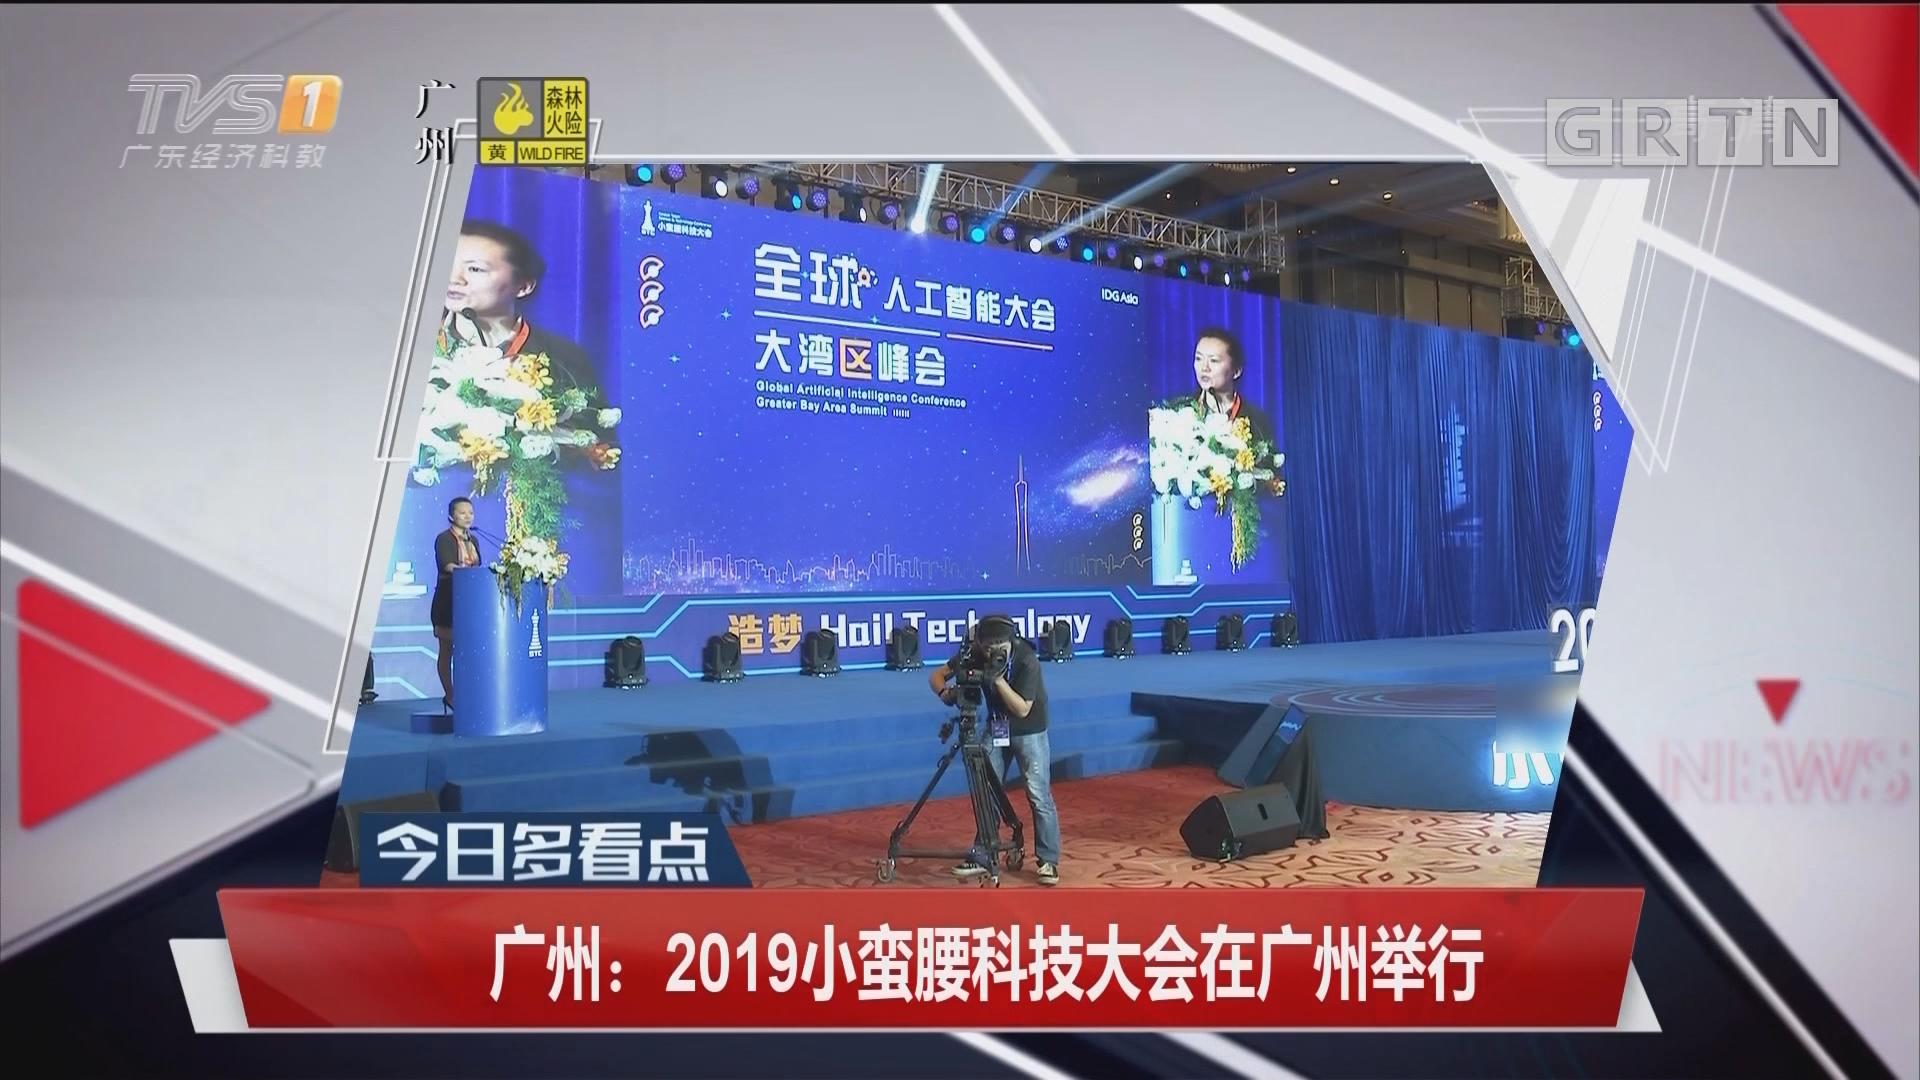 广州:2019小蛮腰科技大会在广州举行